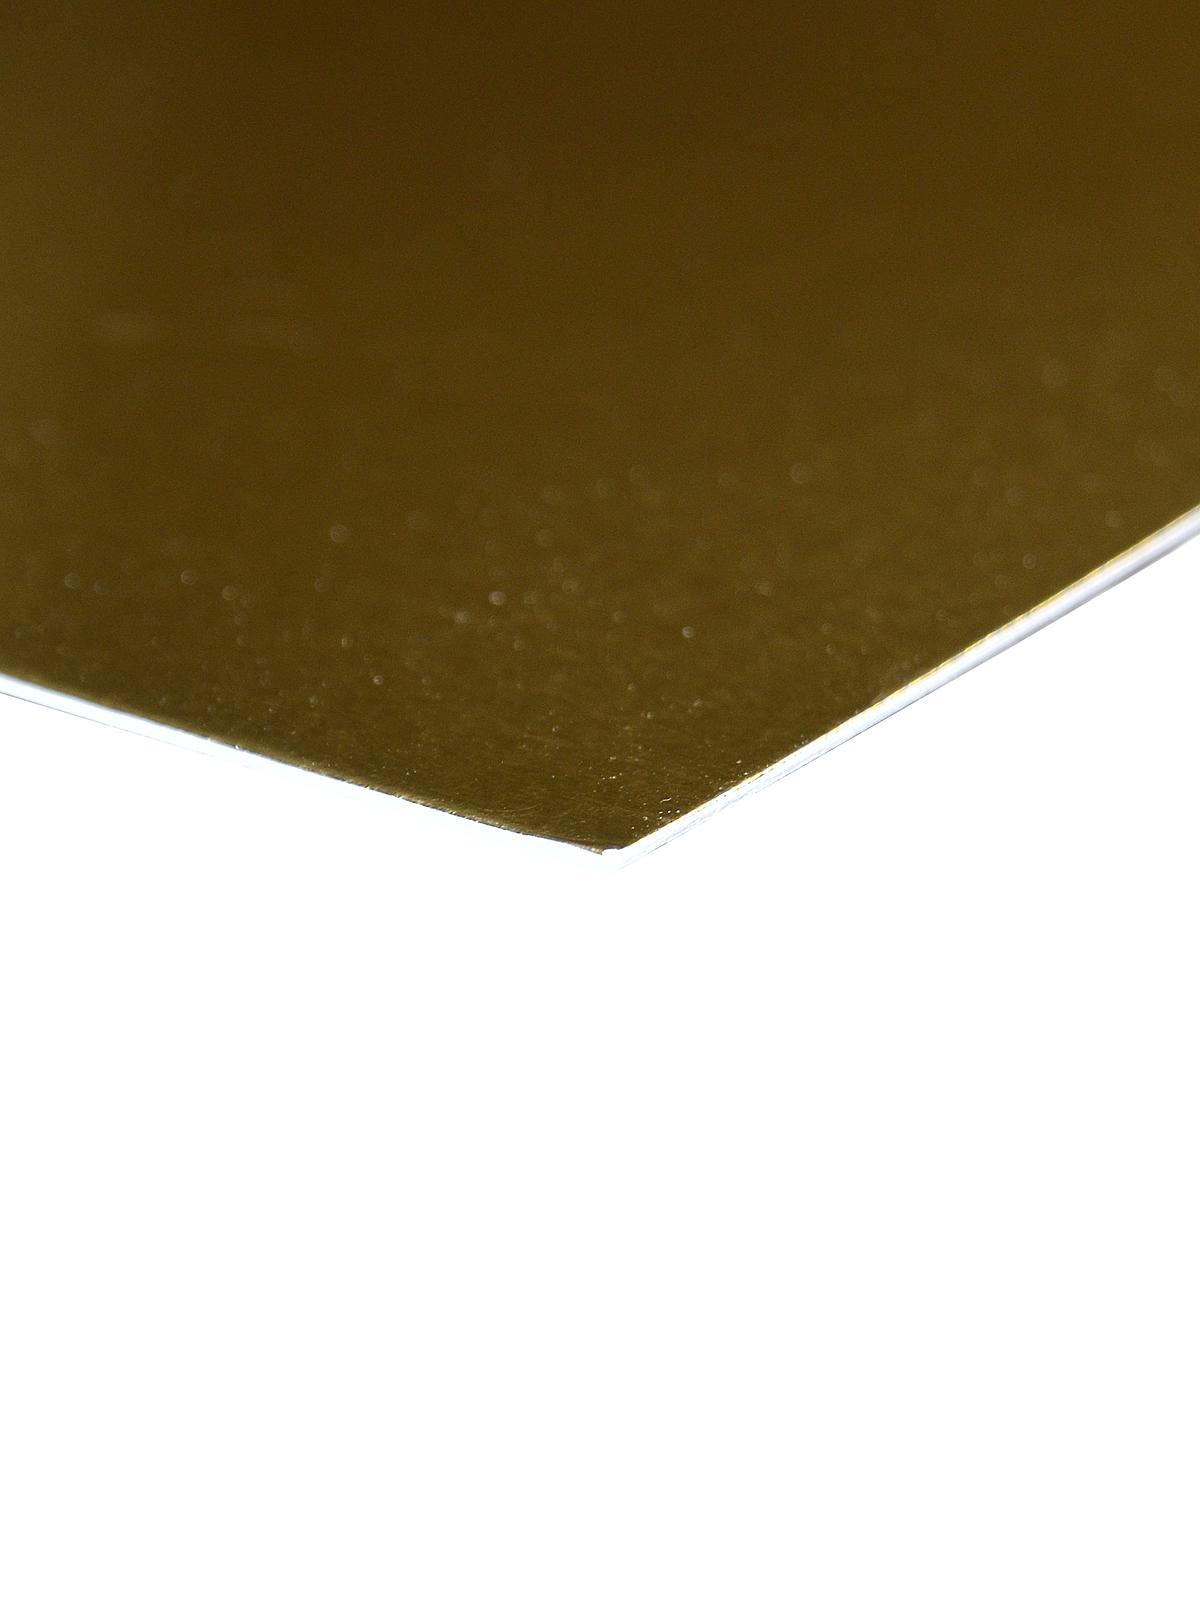 Crescent berkshire mat board misterart berkshire mat board geenschuldenfo Images